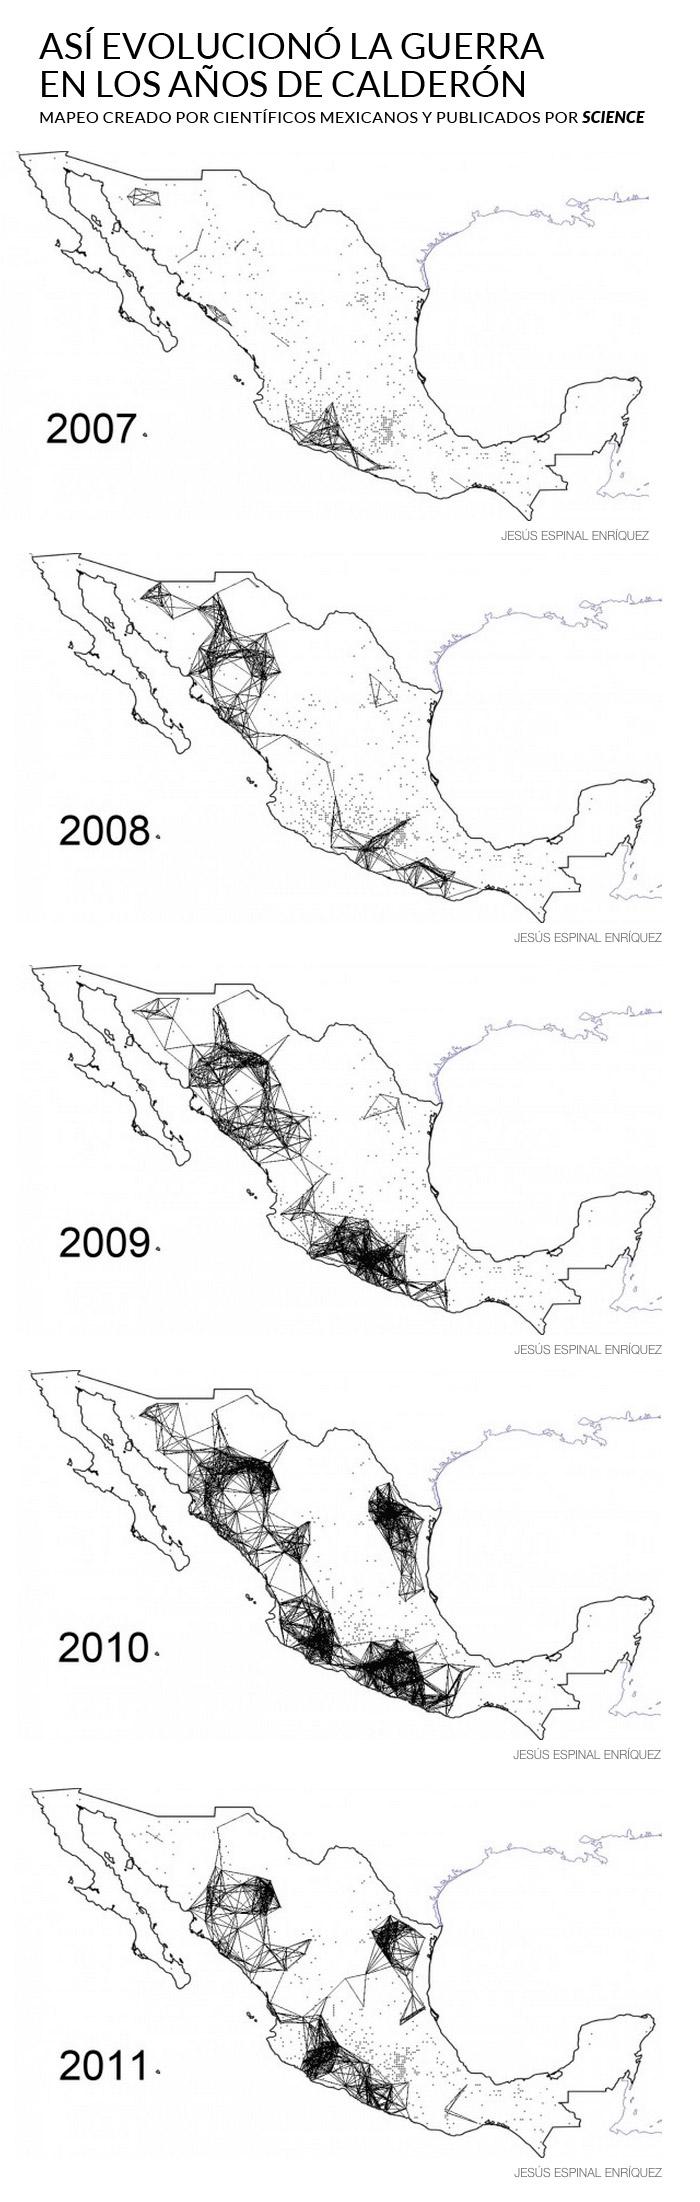 El estudio elaborado por dos científicos de la UNAM revela los patrones por los que la violencia se extendió por todo el territorio mexicano entre los años 2007 y el 2011 (último año del que se tienen registros). Foto: Especial